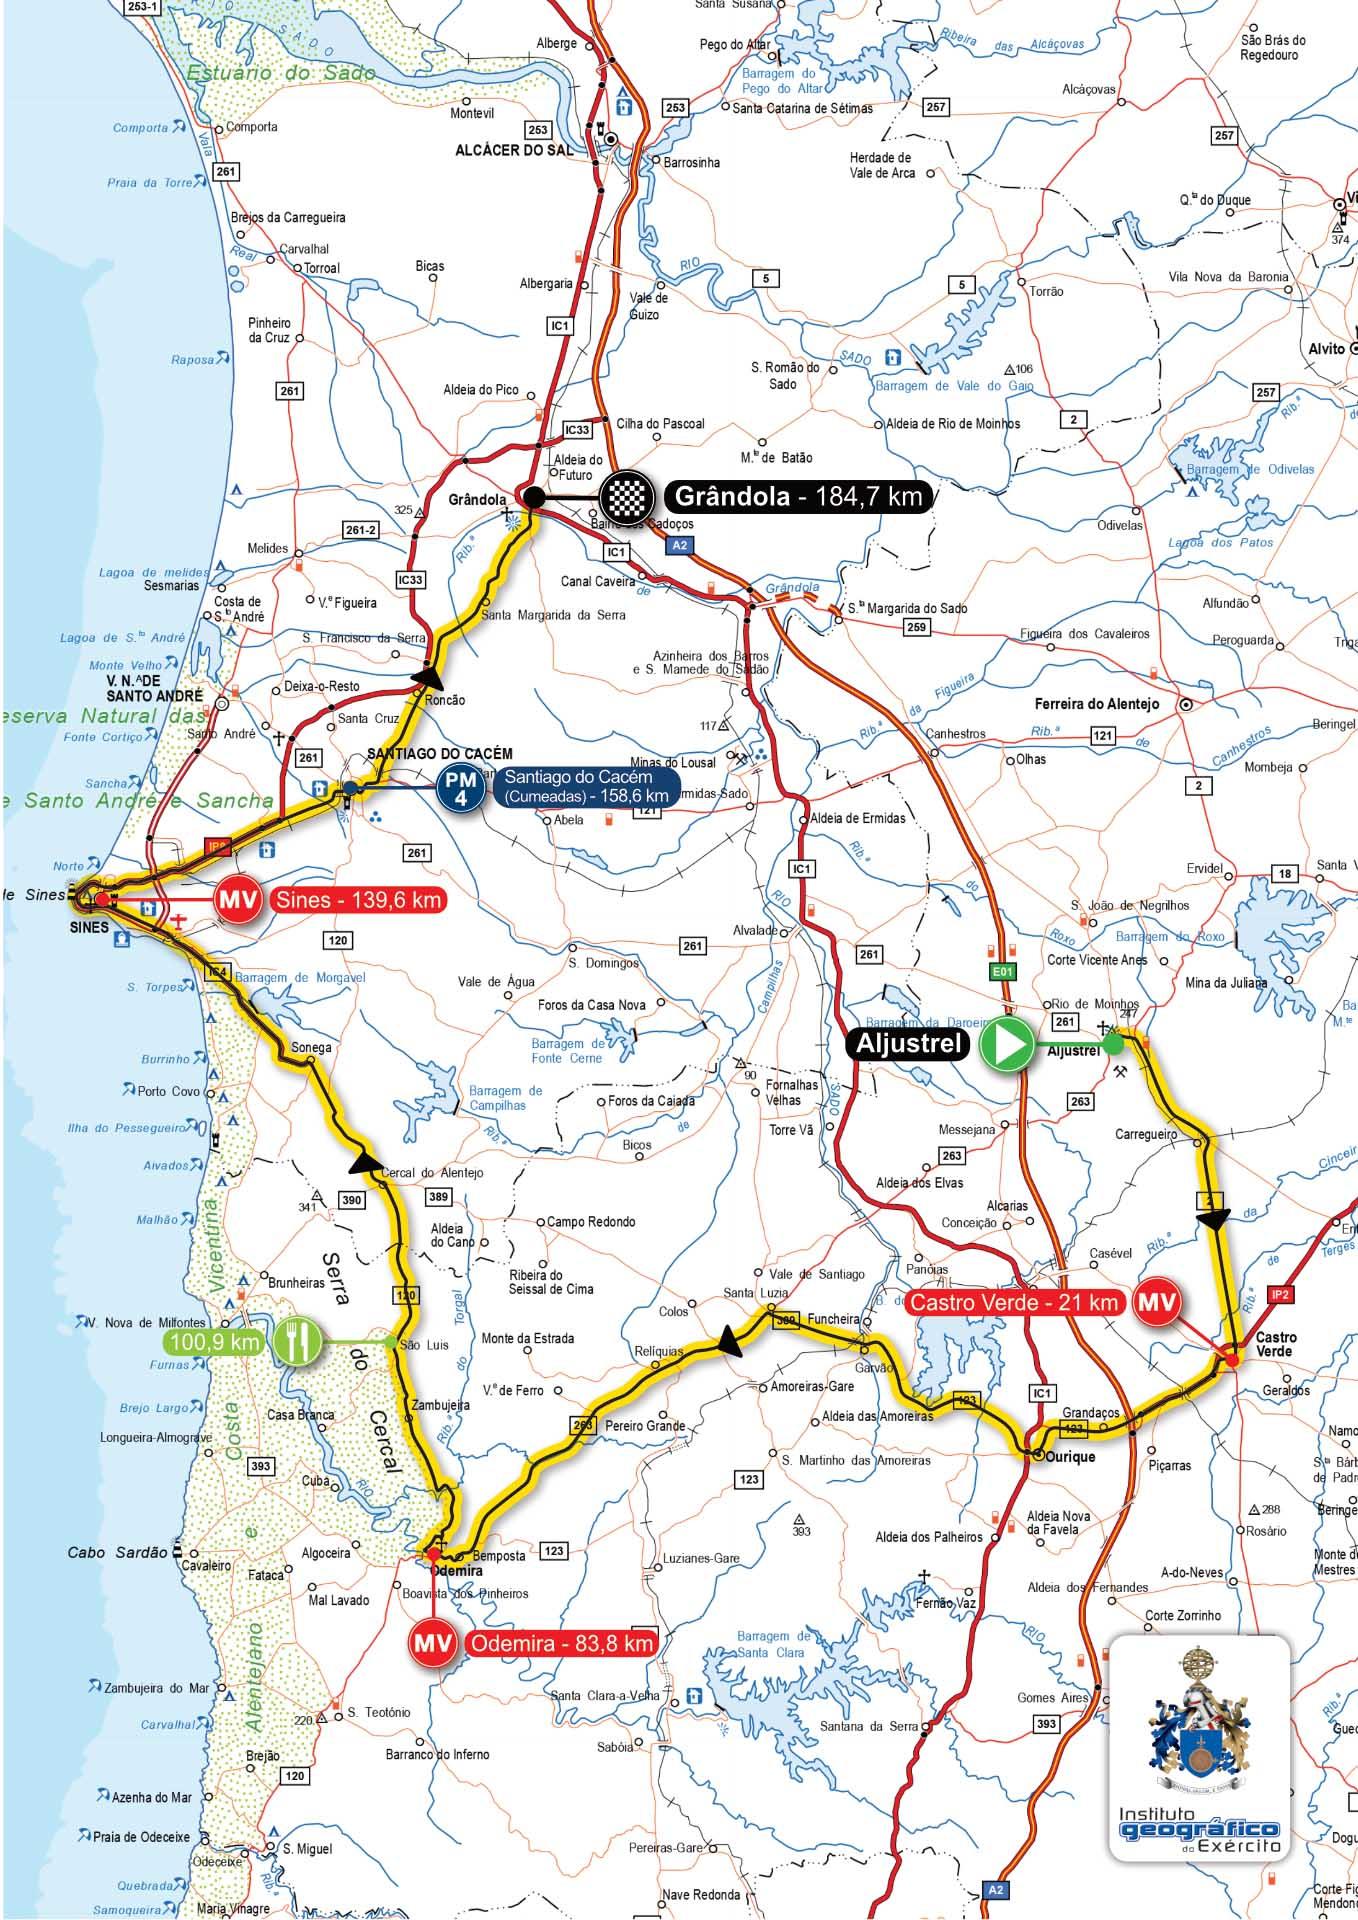 mapa cercal do alentejo Site Autárquico   34.ª Volta ao Alentejo mapa cercal do alentejo